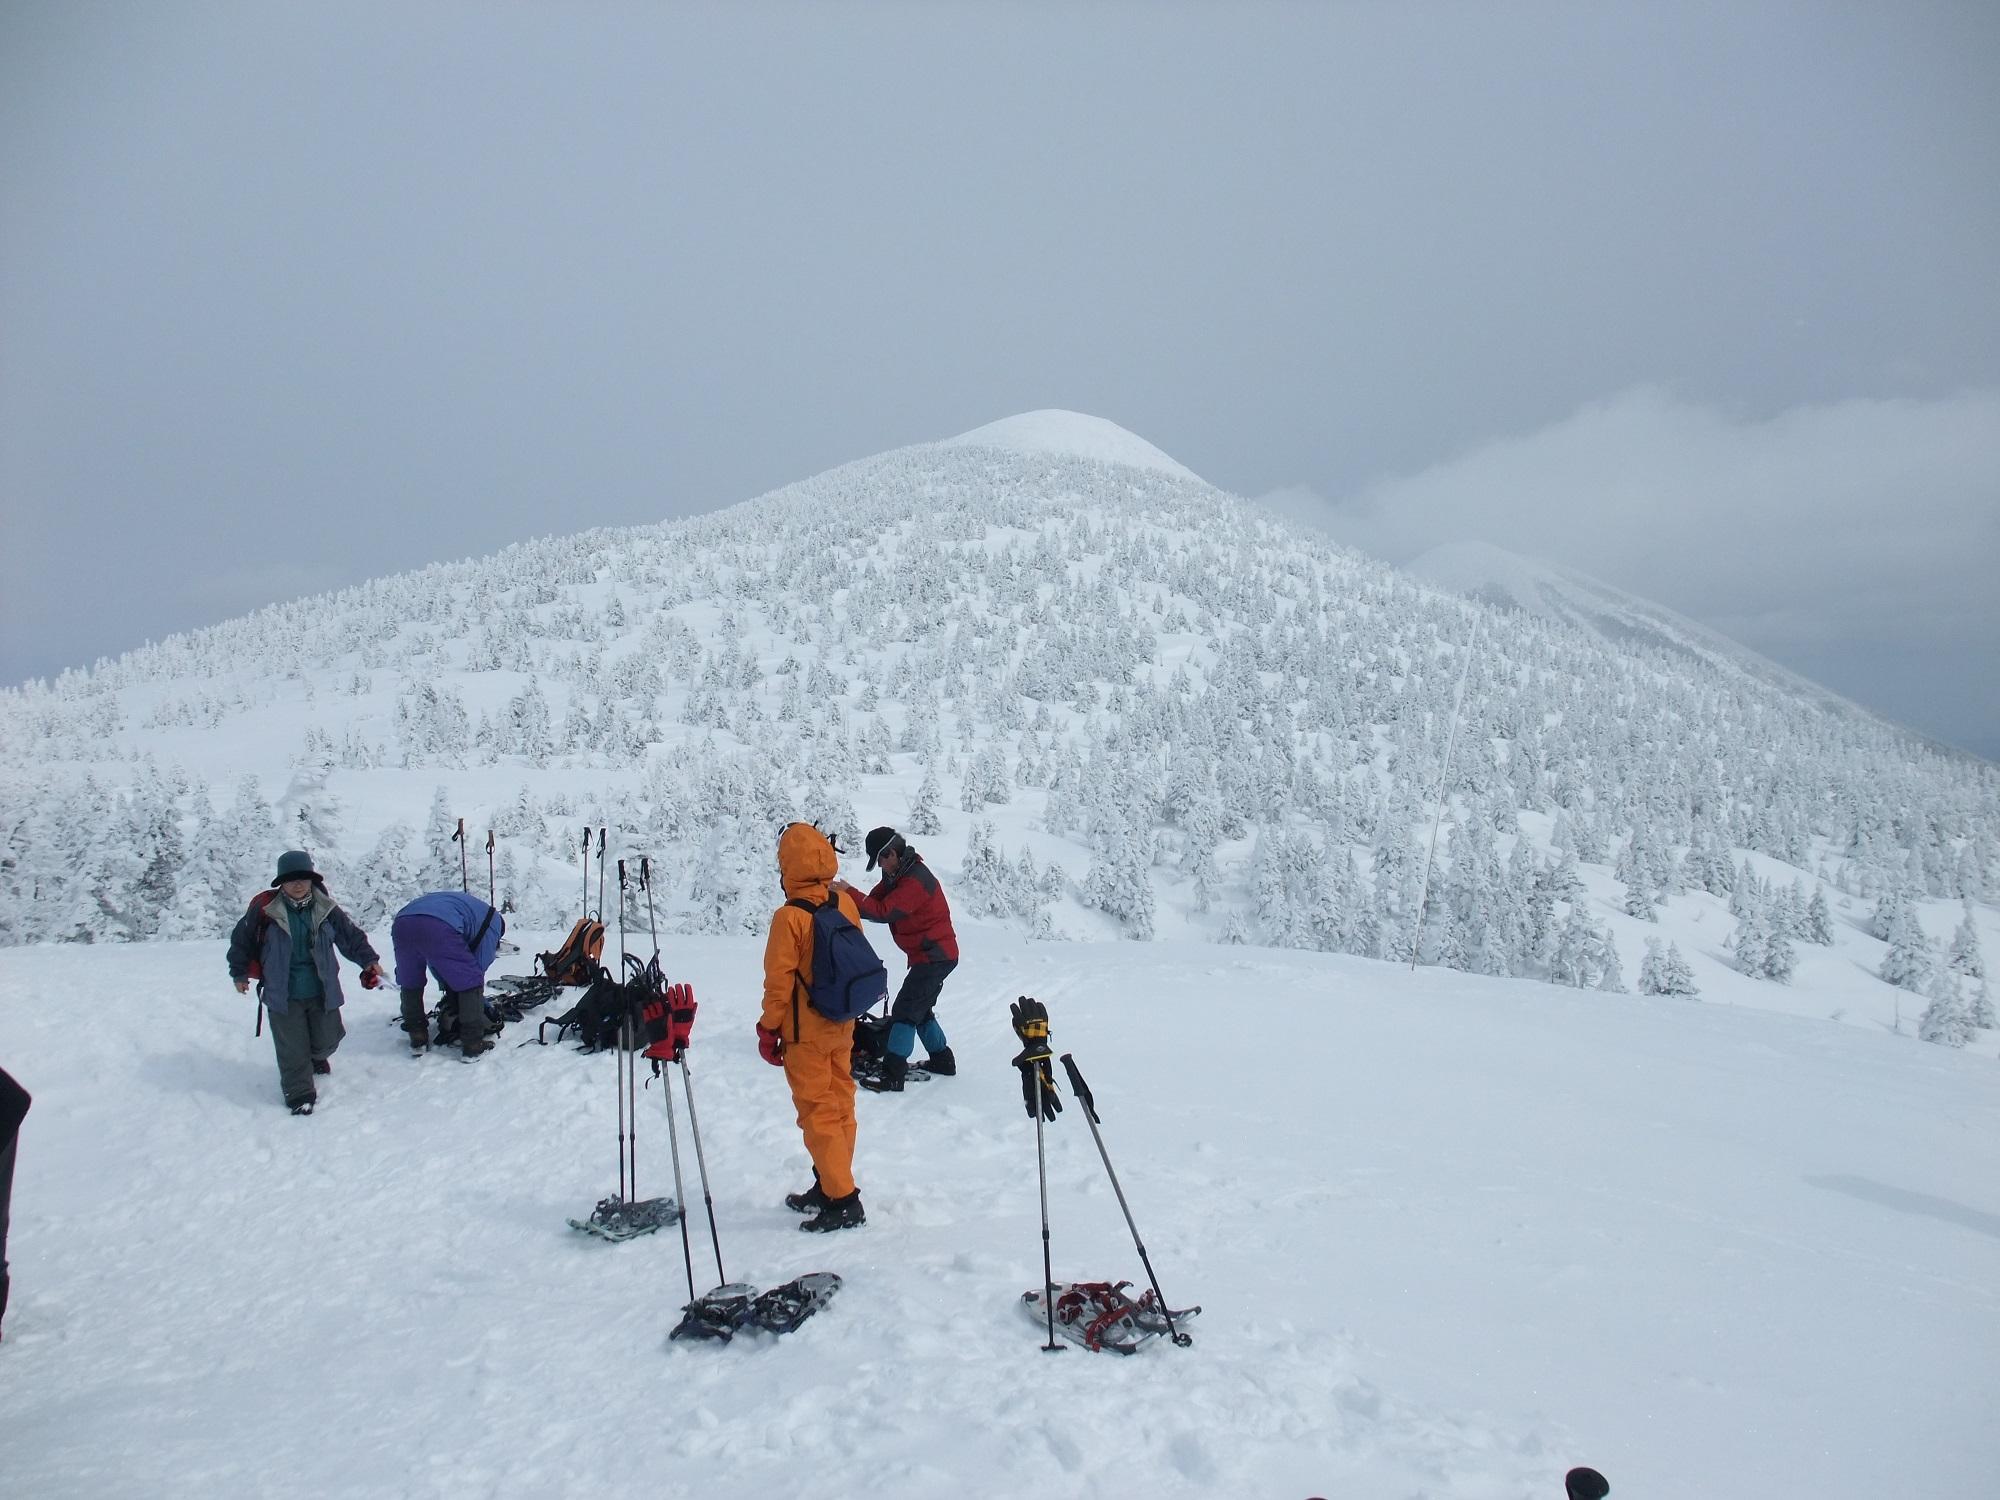 【スノーシュー・ハイキング】雪の中を歩くのが初めての方でも地元のガイドの案内ですぐに慣れます。